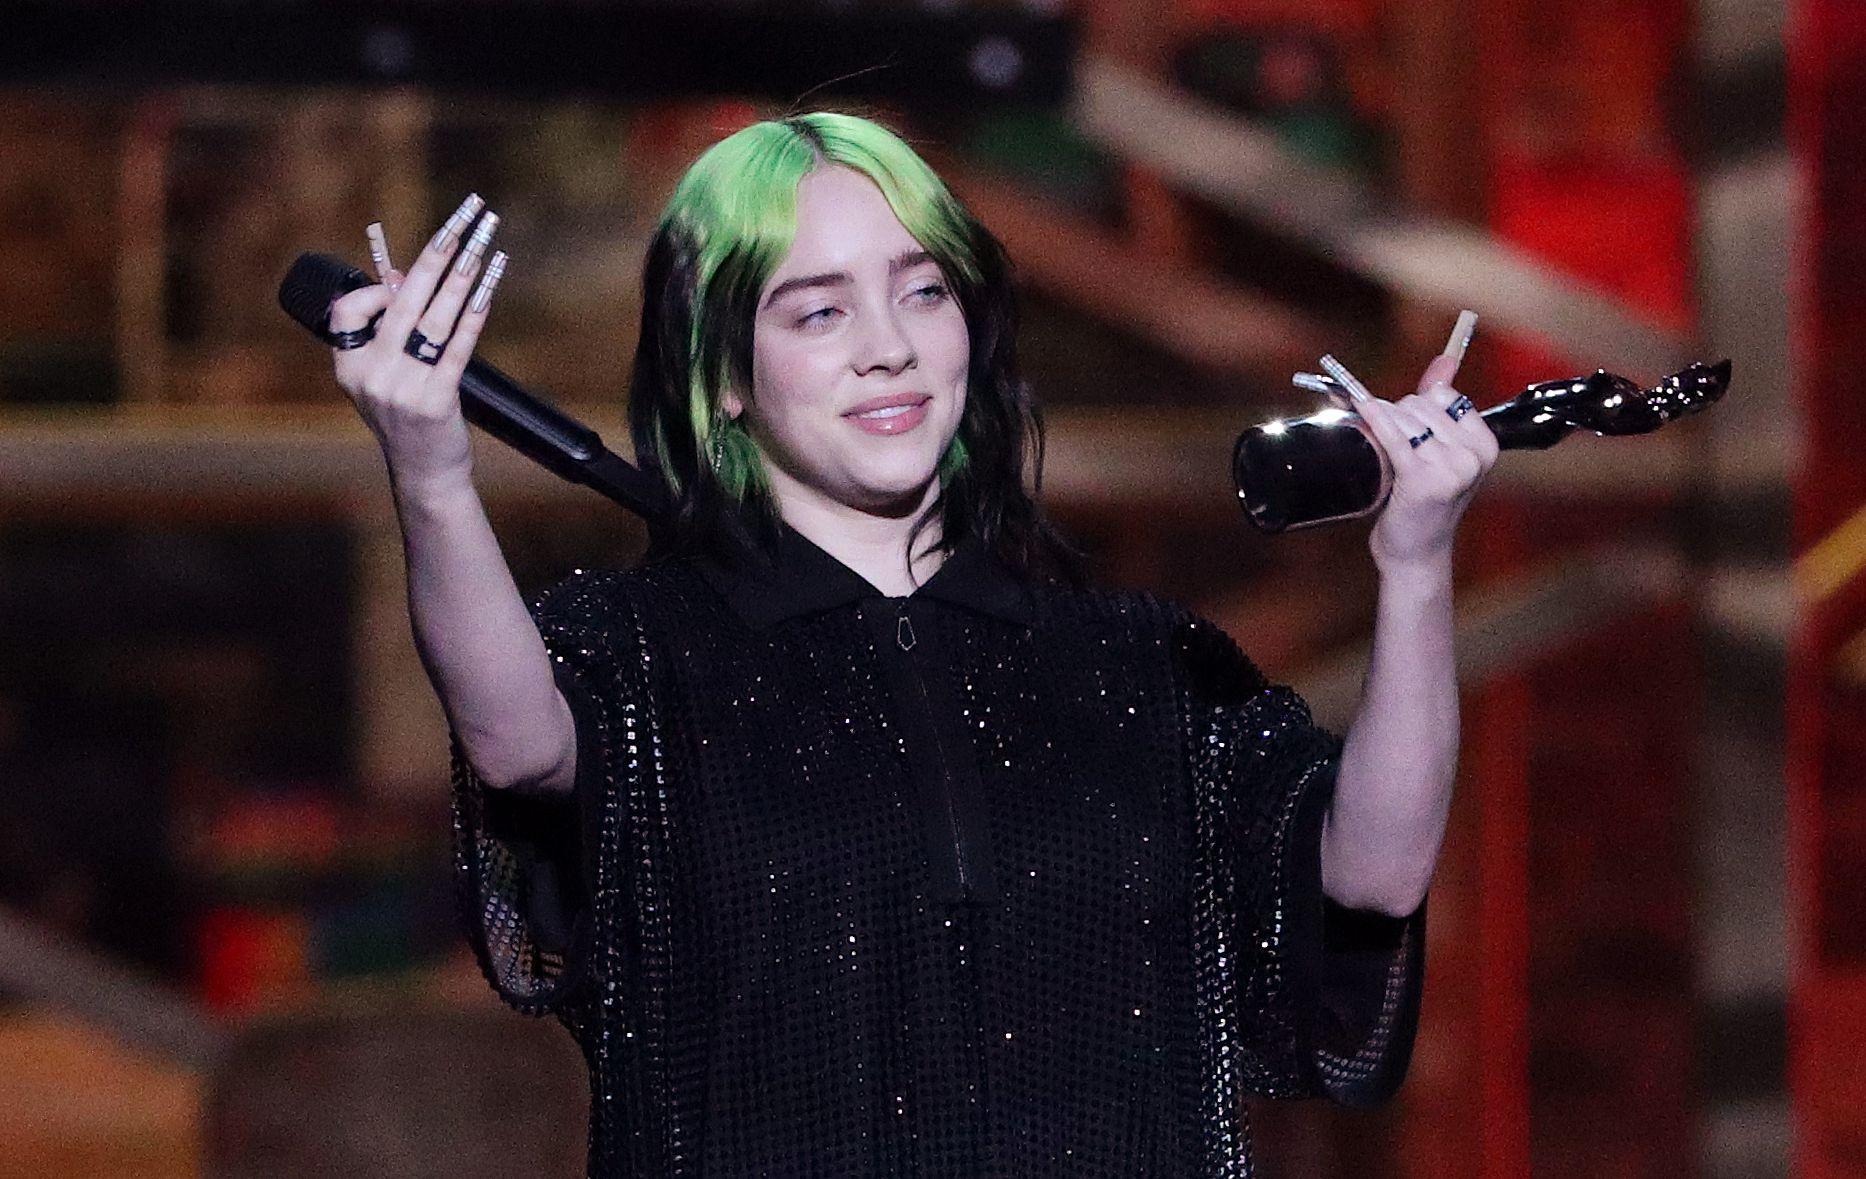 Billie Eillish es una de las artistas que formará parte del concierto a beneficio. Foto: REUTERS/Hannah Mckay